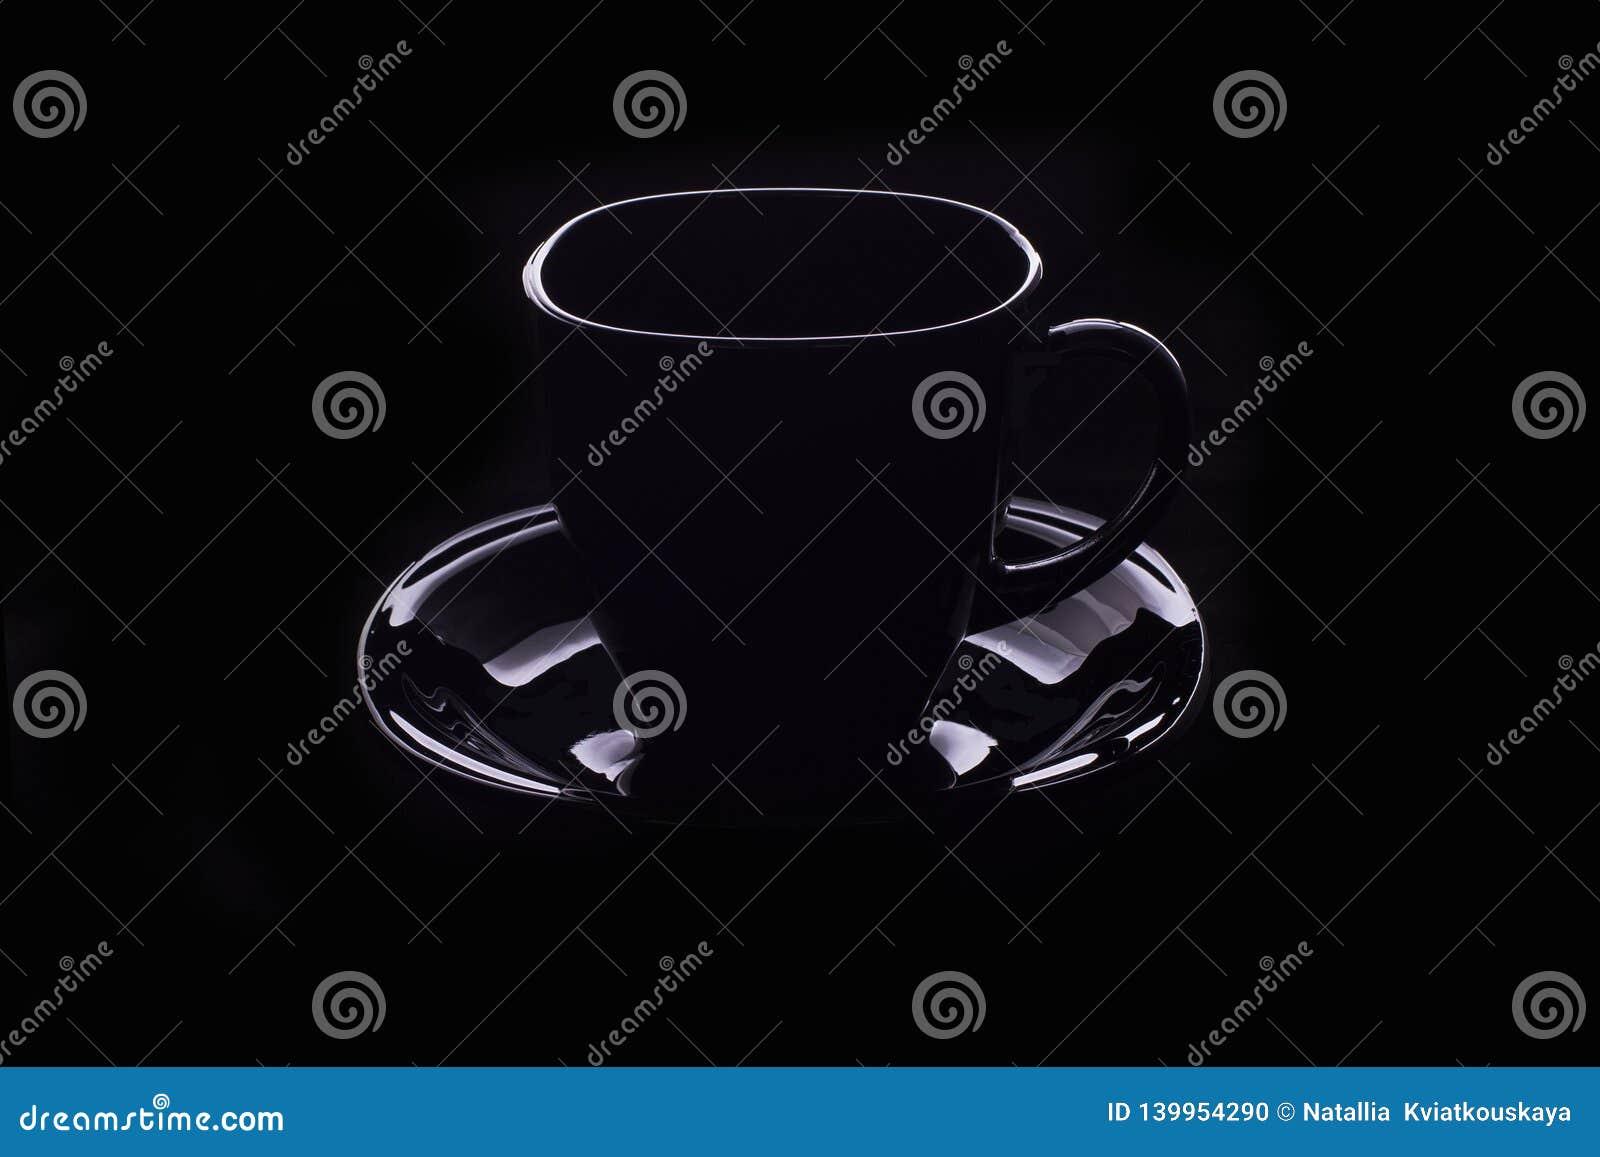 Esboço de um copo de café cozinhando no fundo preto